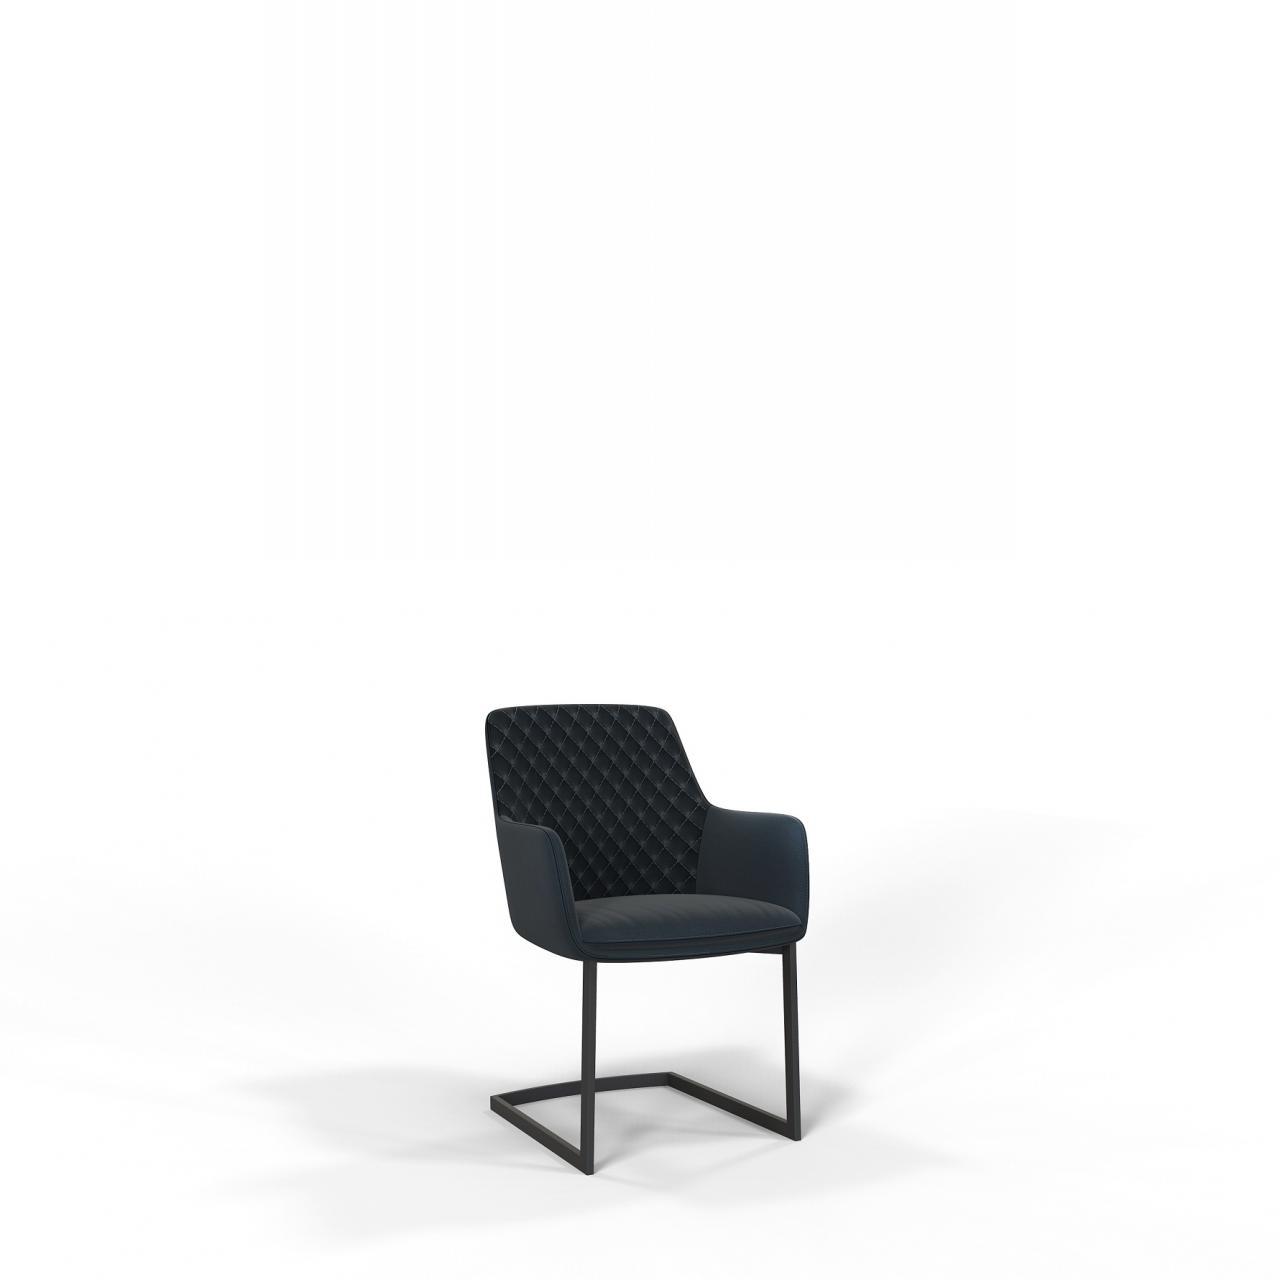 Stuhl JD0935 Schwarz Anthrazit Stoff Metall Esszimmerstuhl Mit Armlehne Küchenstuhl Küche